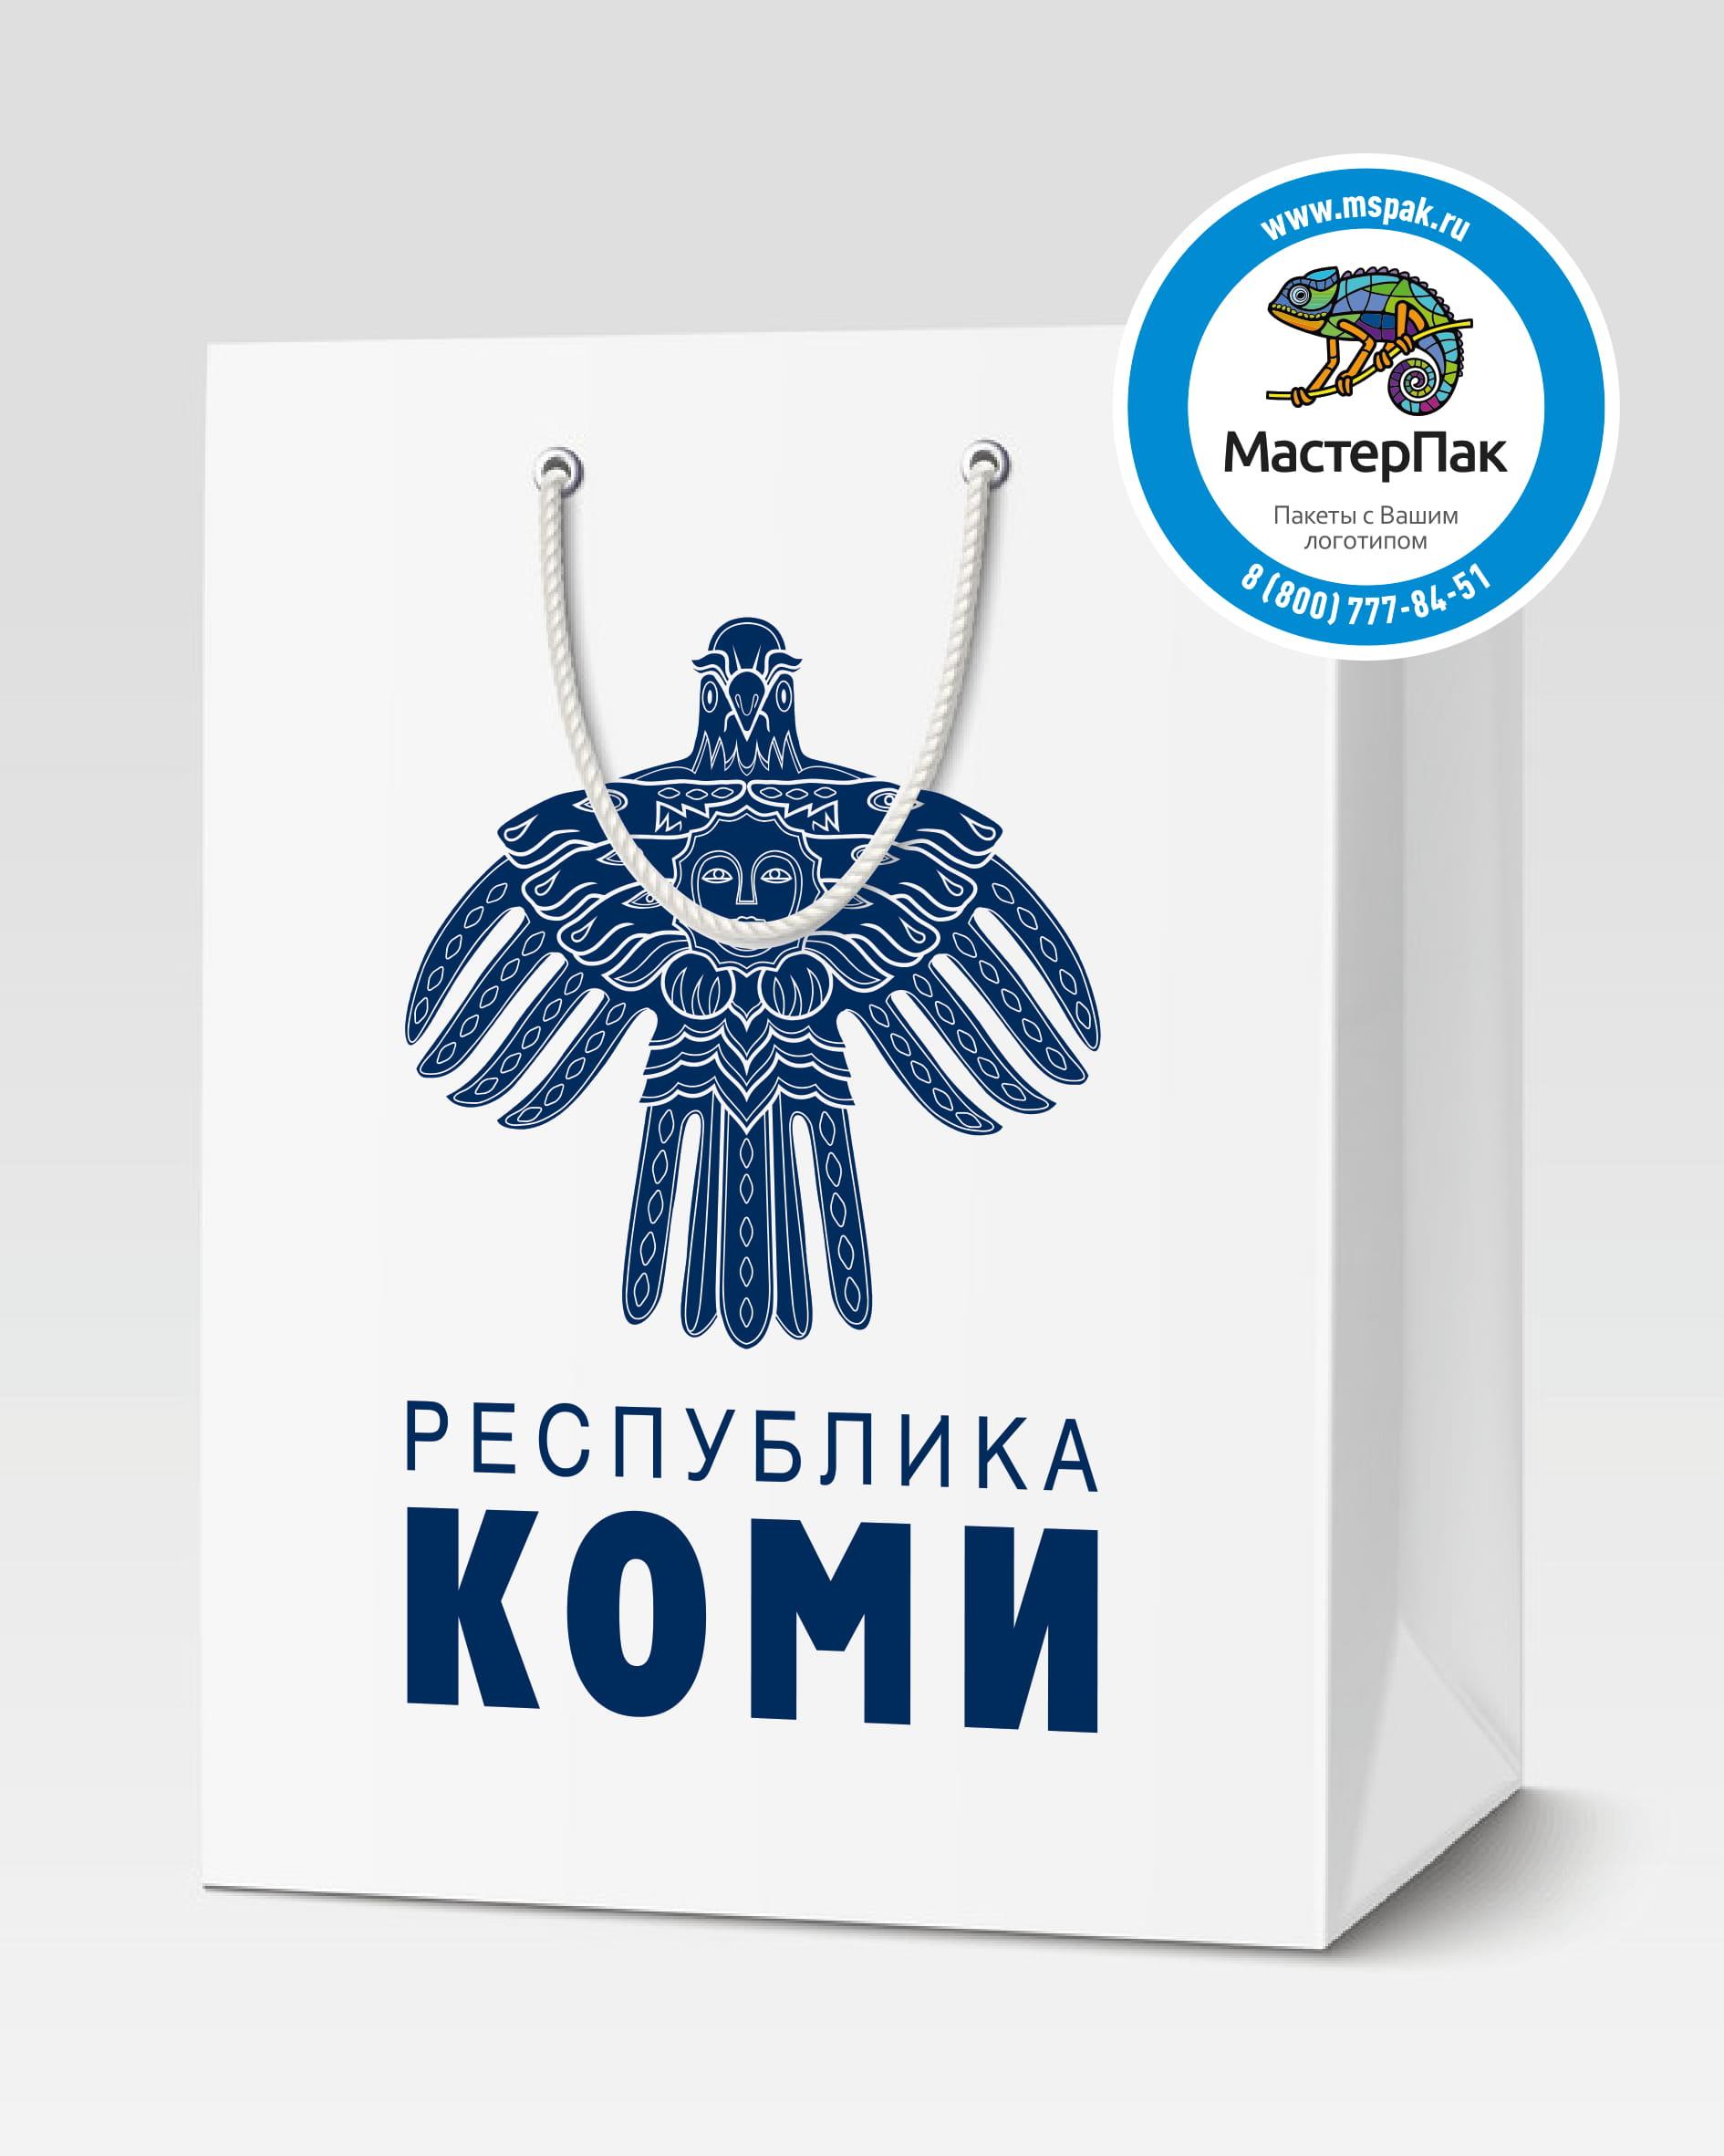 Пакет подарочный, бумажный с логотипом Республика Коми, 30*40, белый